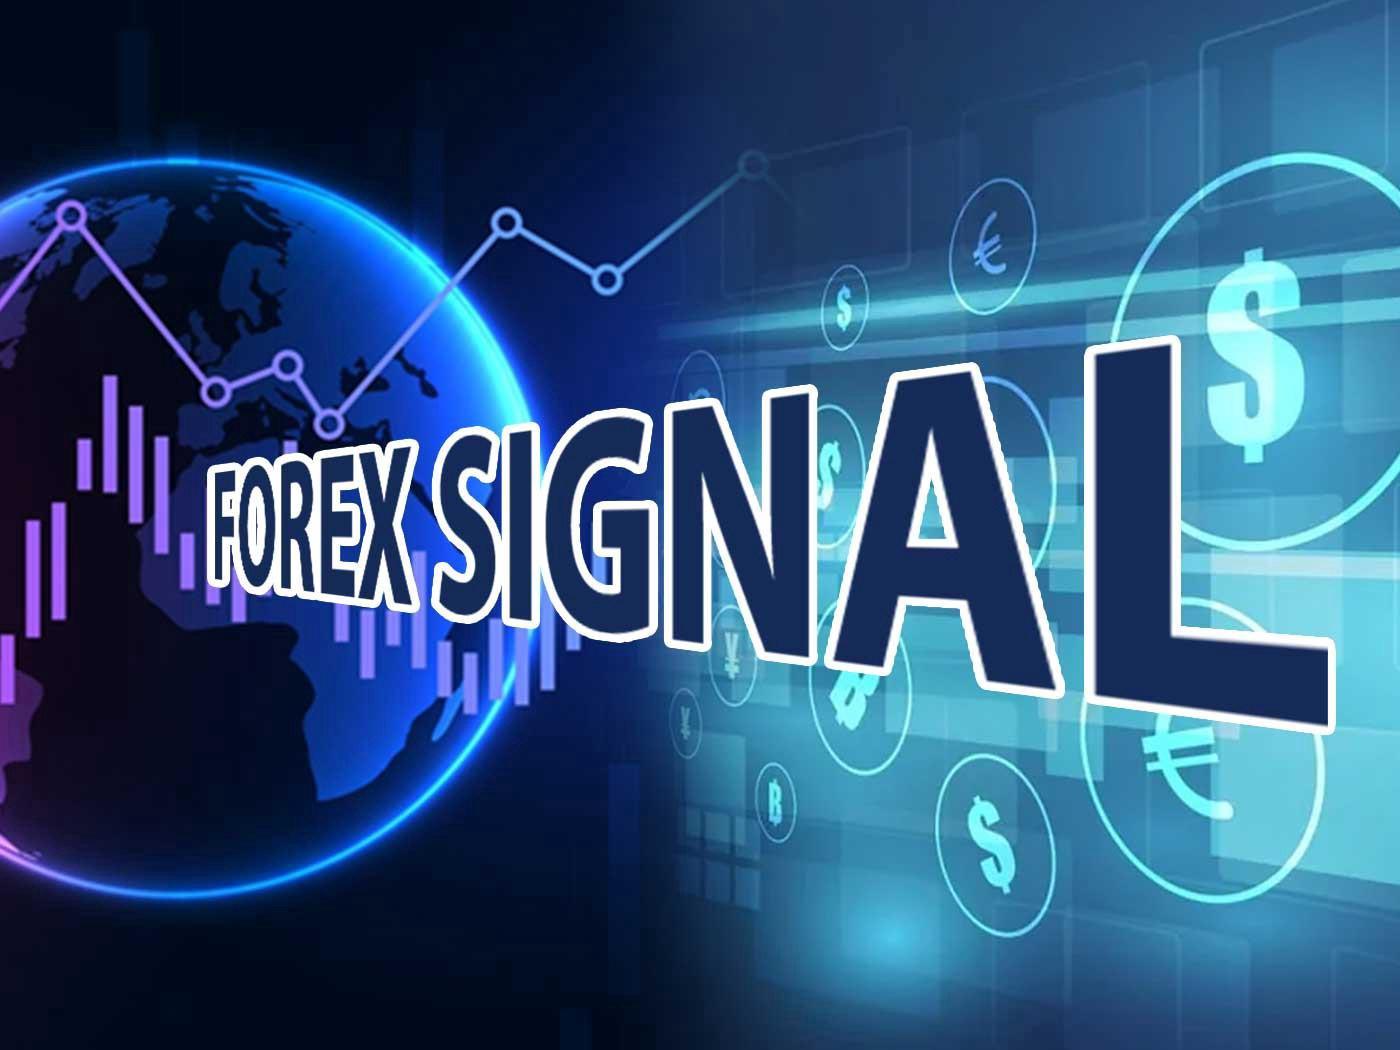 Forex Signals – Tín hiệu forex là gì?